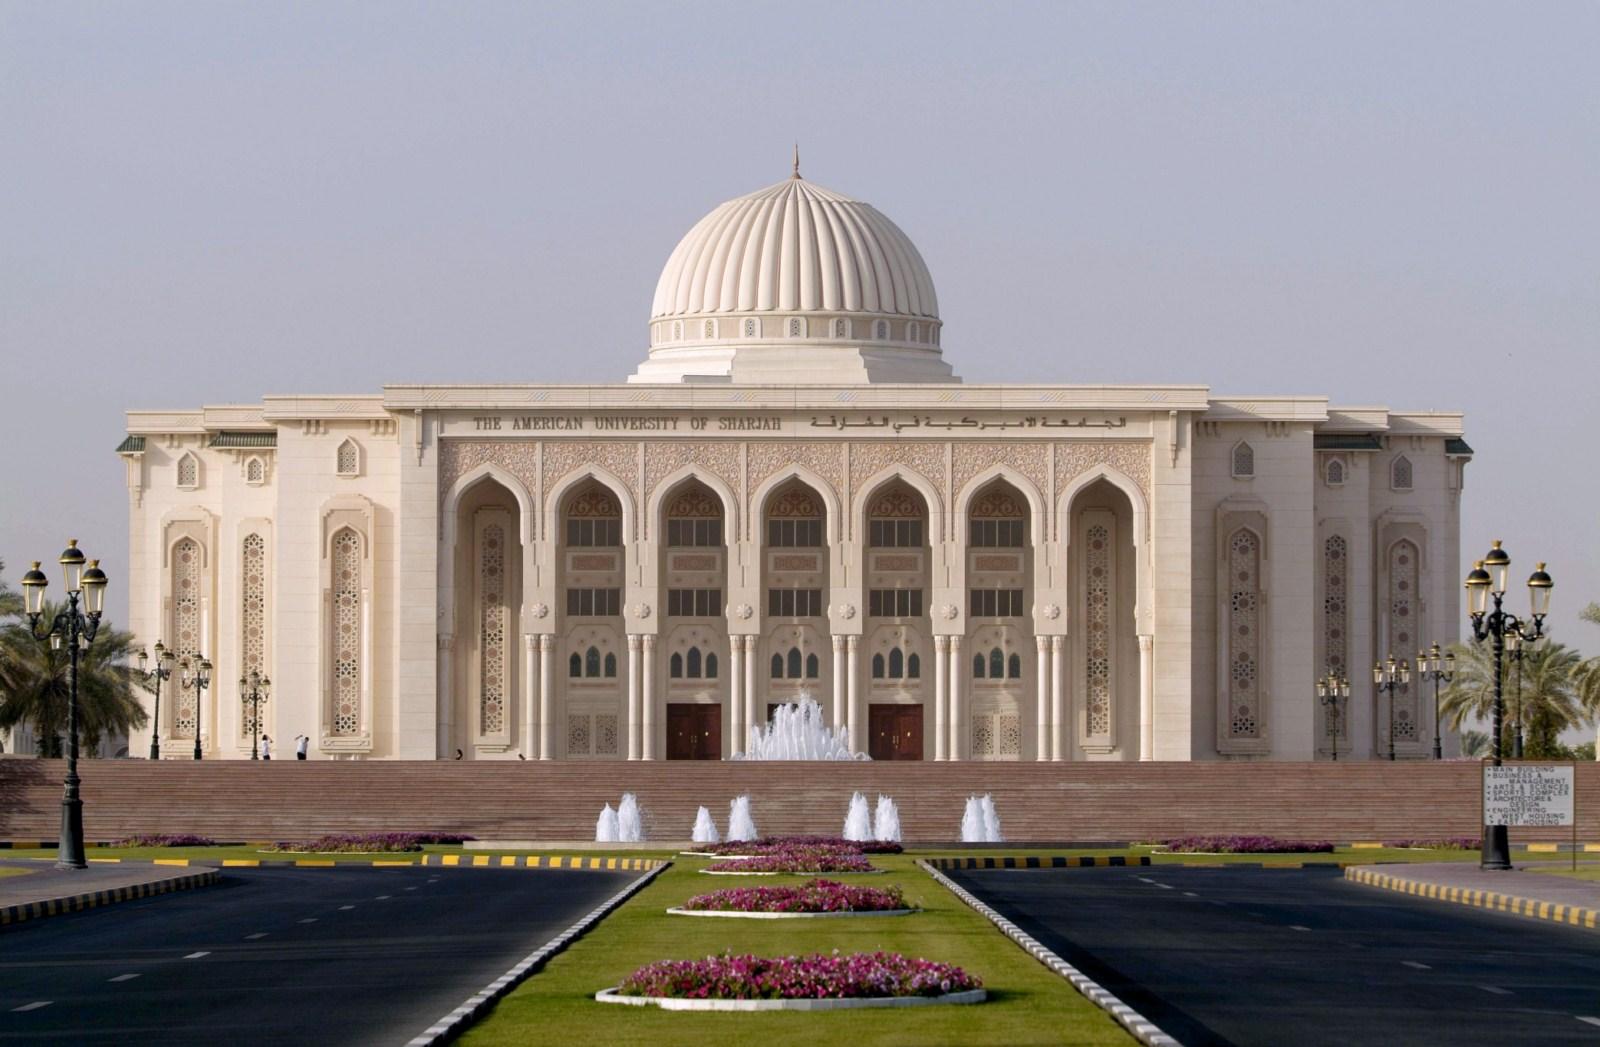 Sharjah Building